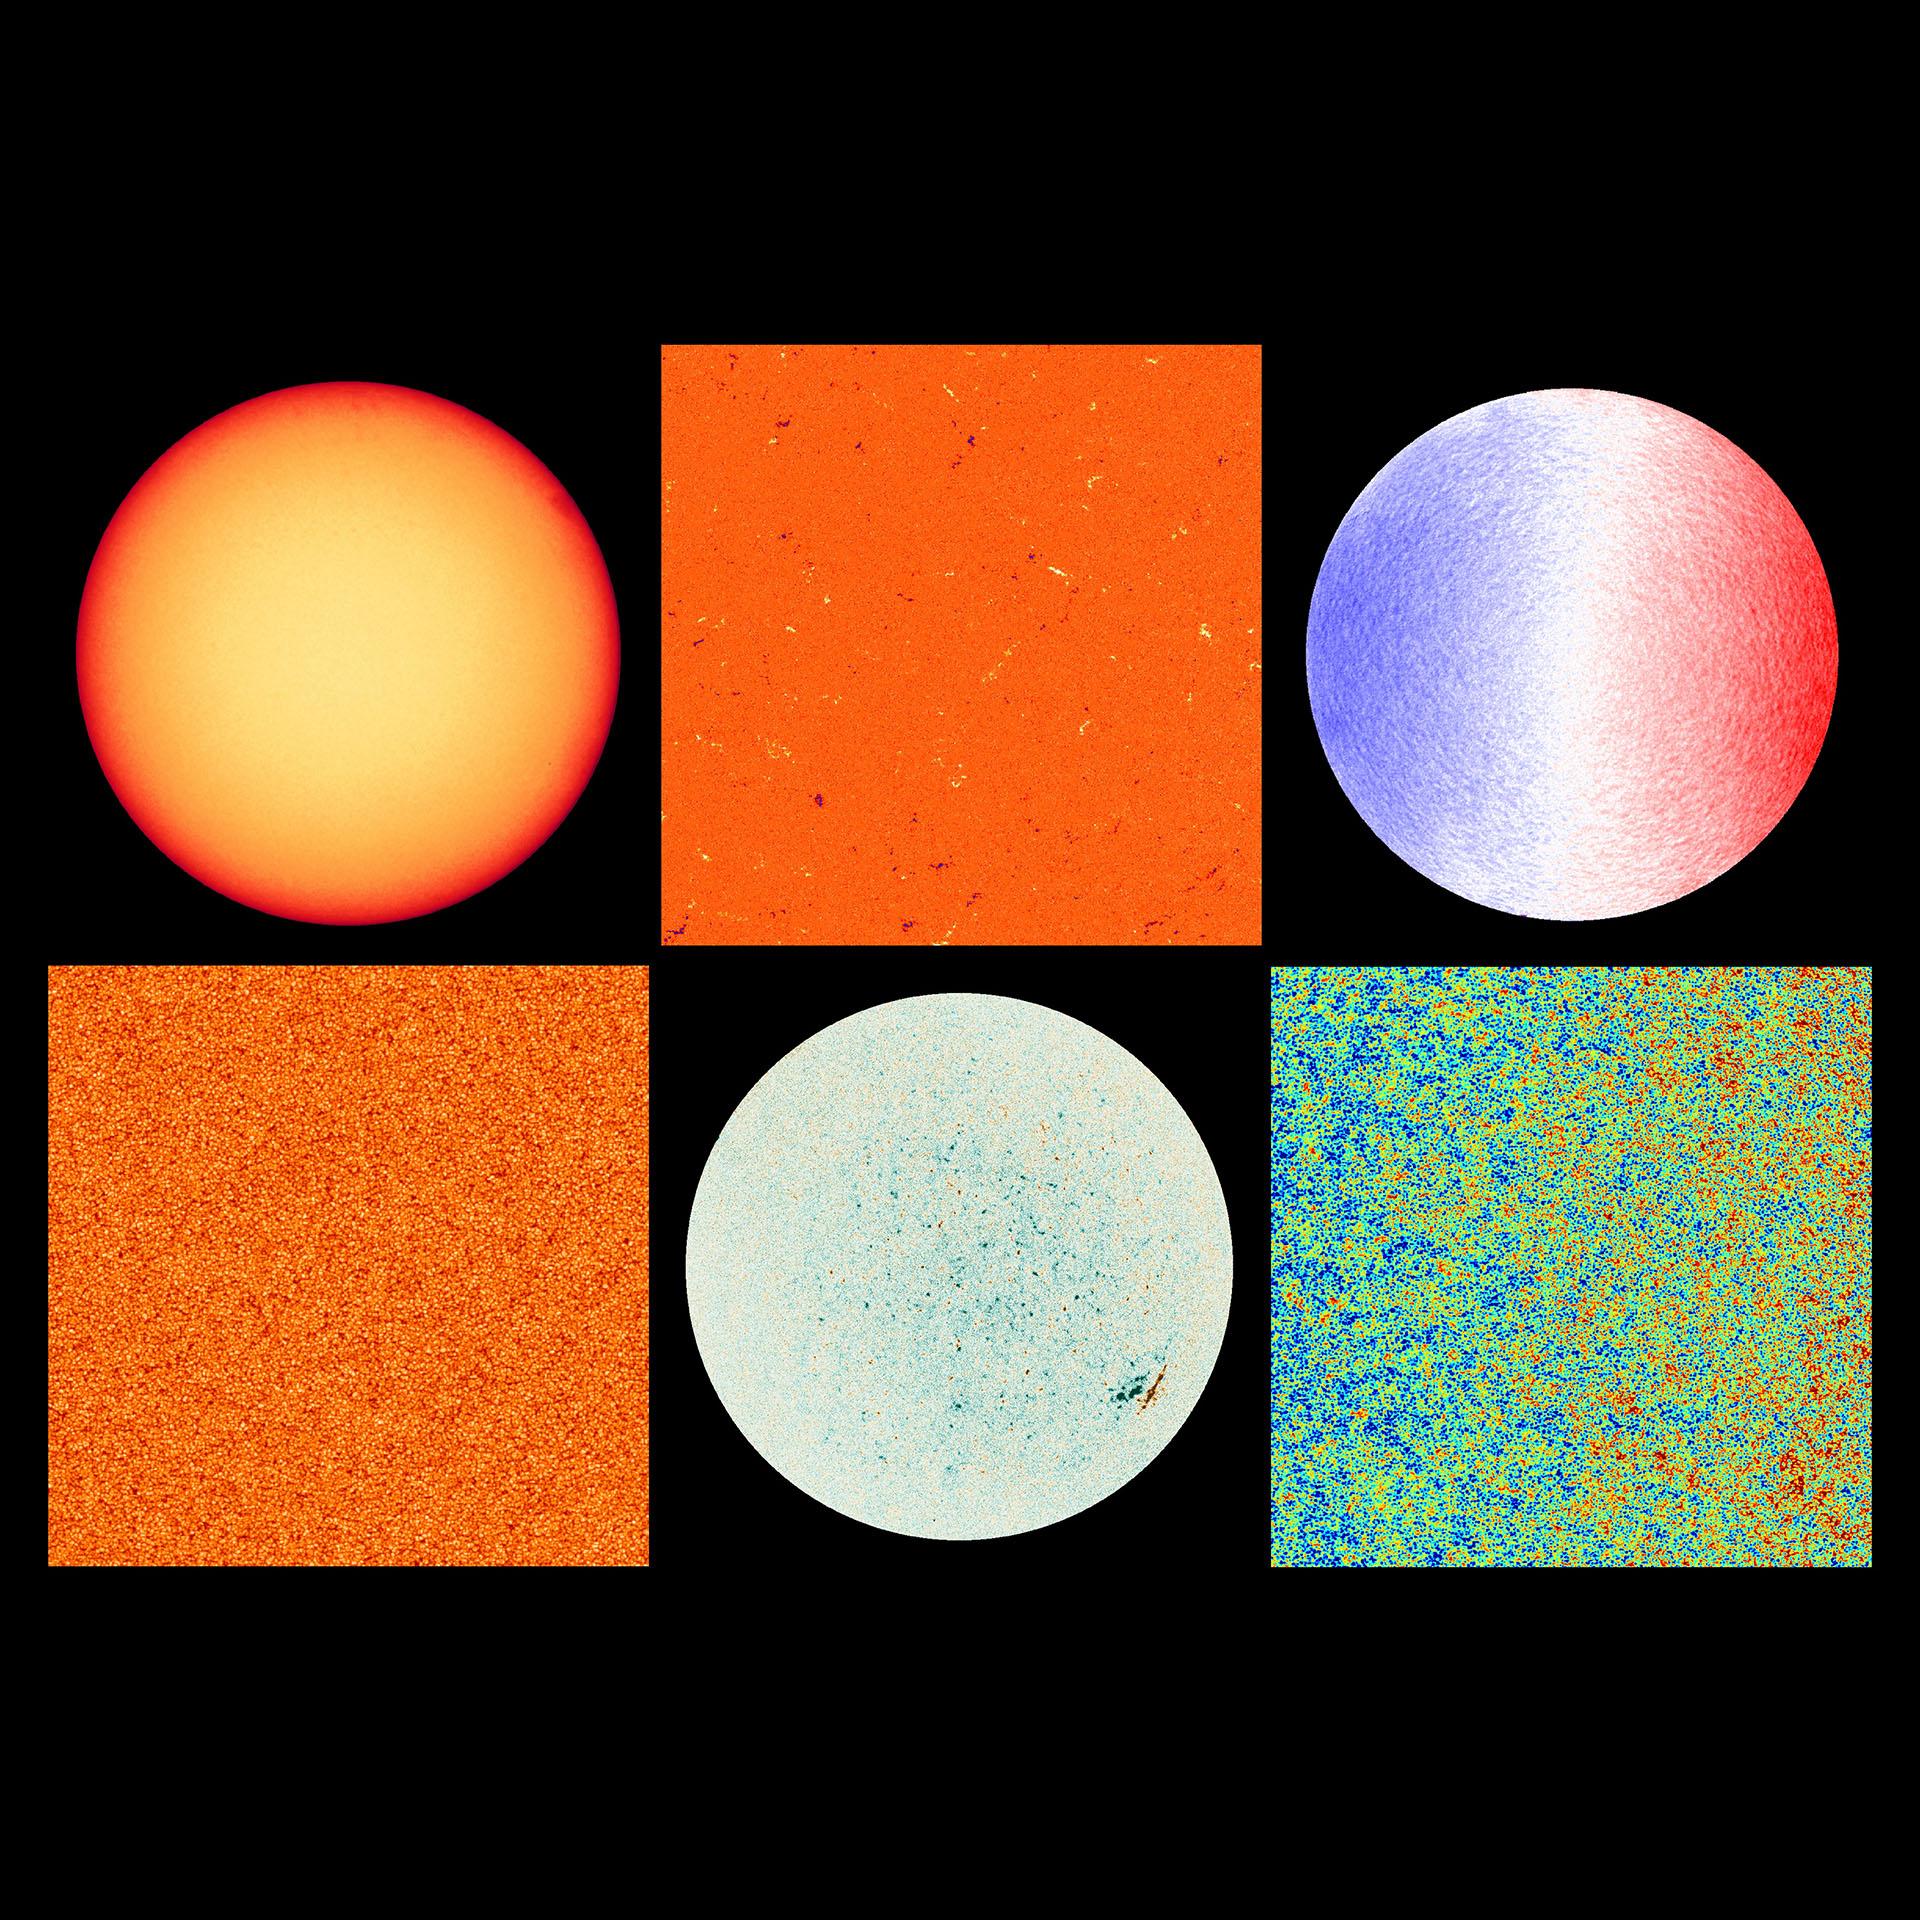 Los científicos dijeron el 16 de julio de 2020 que habían obtenido las imágenes más cercanas al Sol tomadas como parte de una misión paneuropea para estudiar los vientos solares y las llamaradas que podrían tener impactos de gran alcance en la Tierra (Foto de - / Solar Orbiter / EUI / ESA / NASA / AFP)